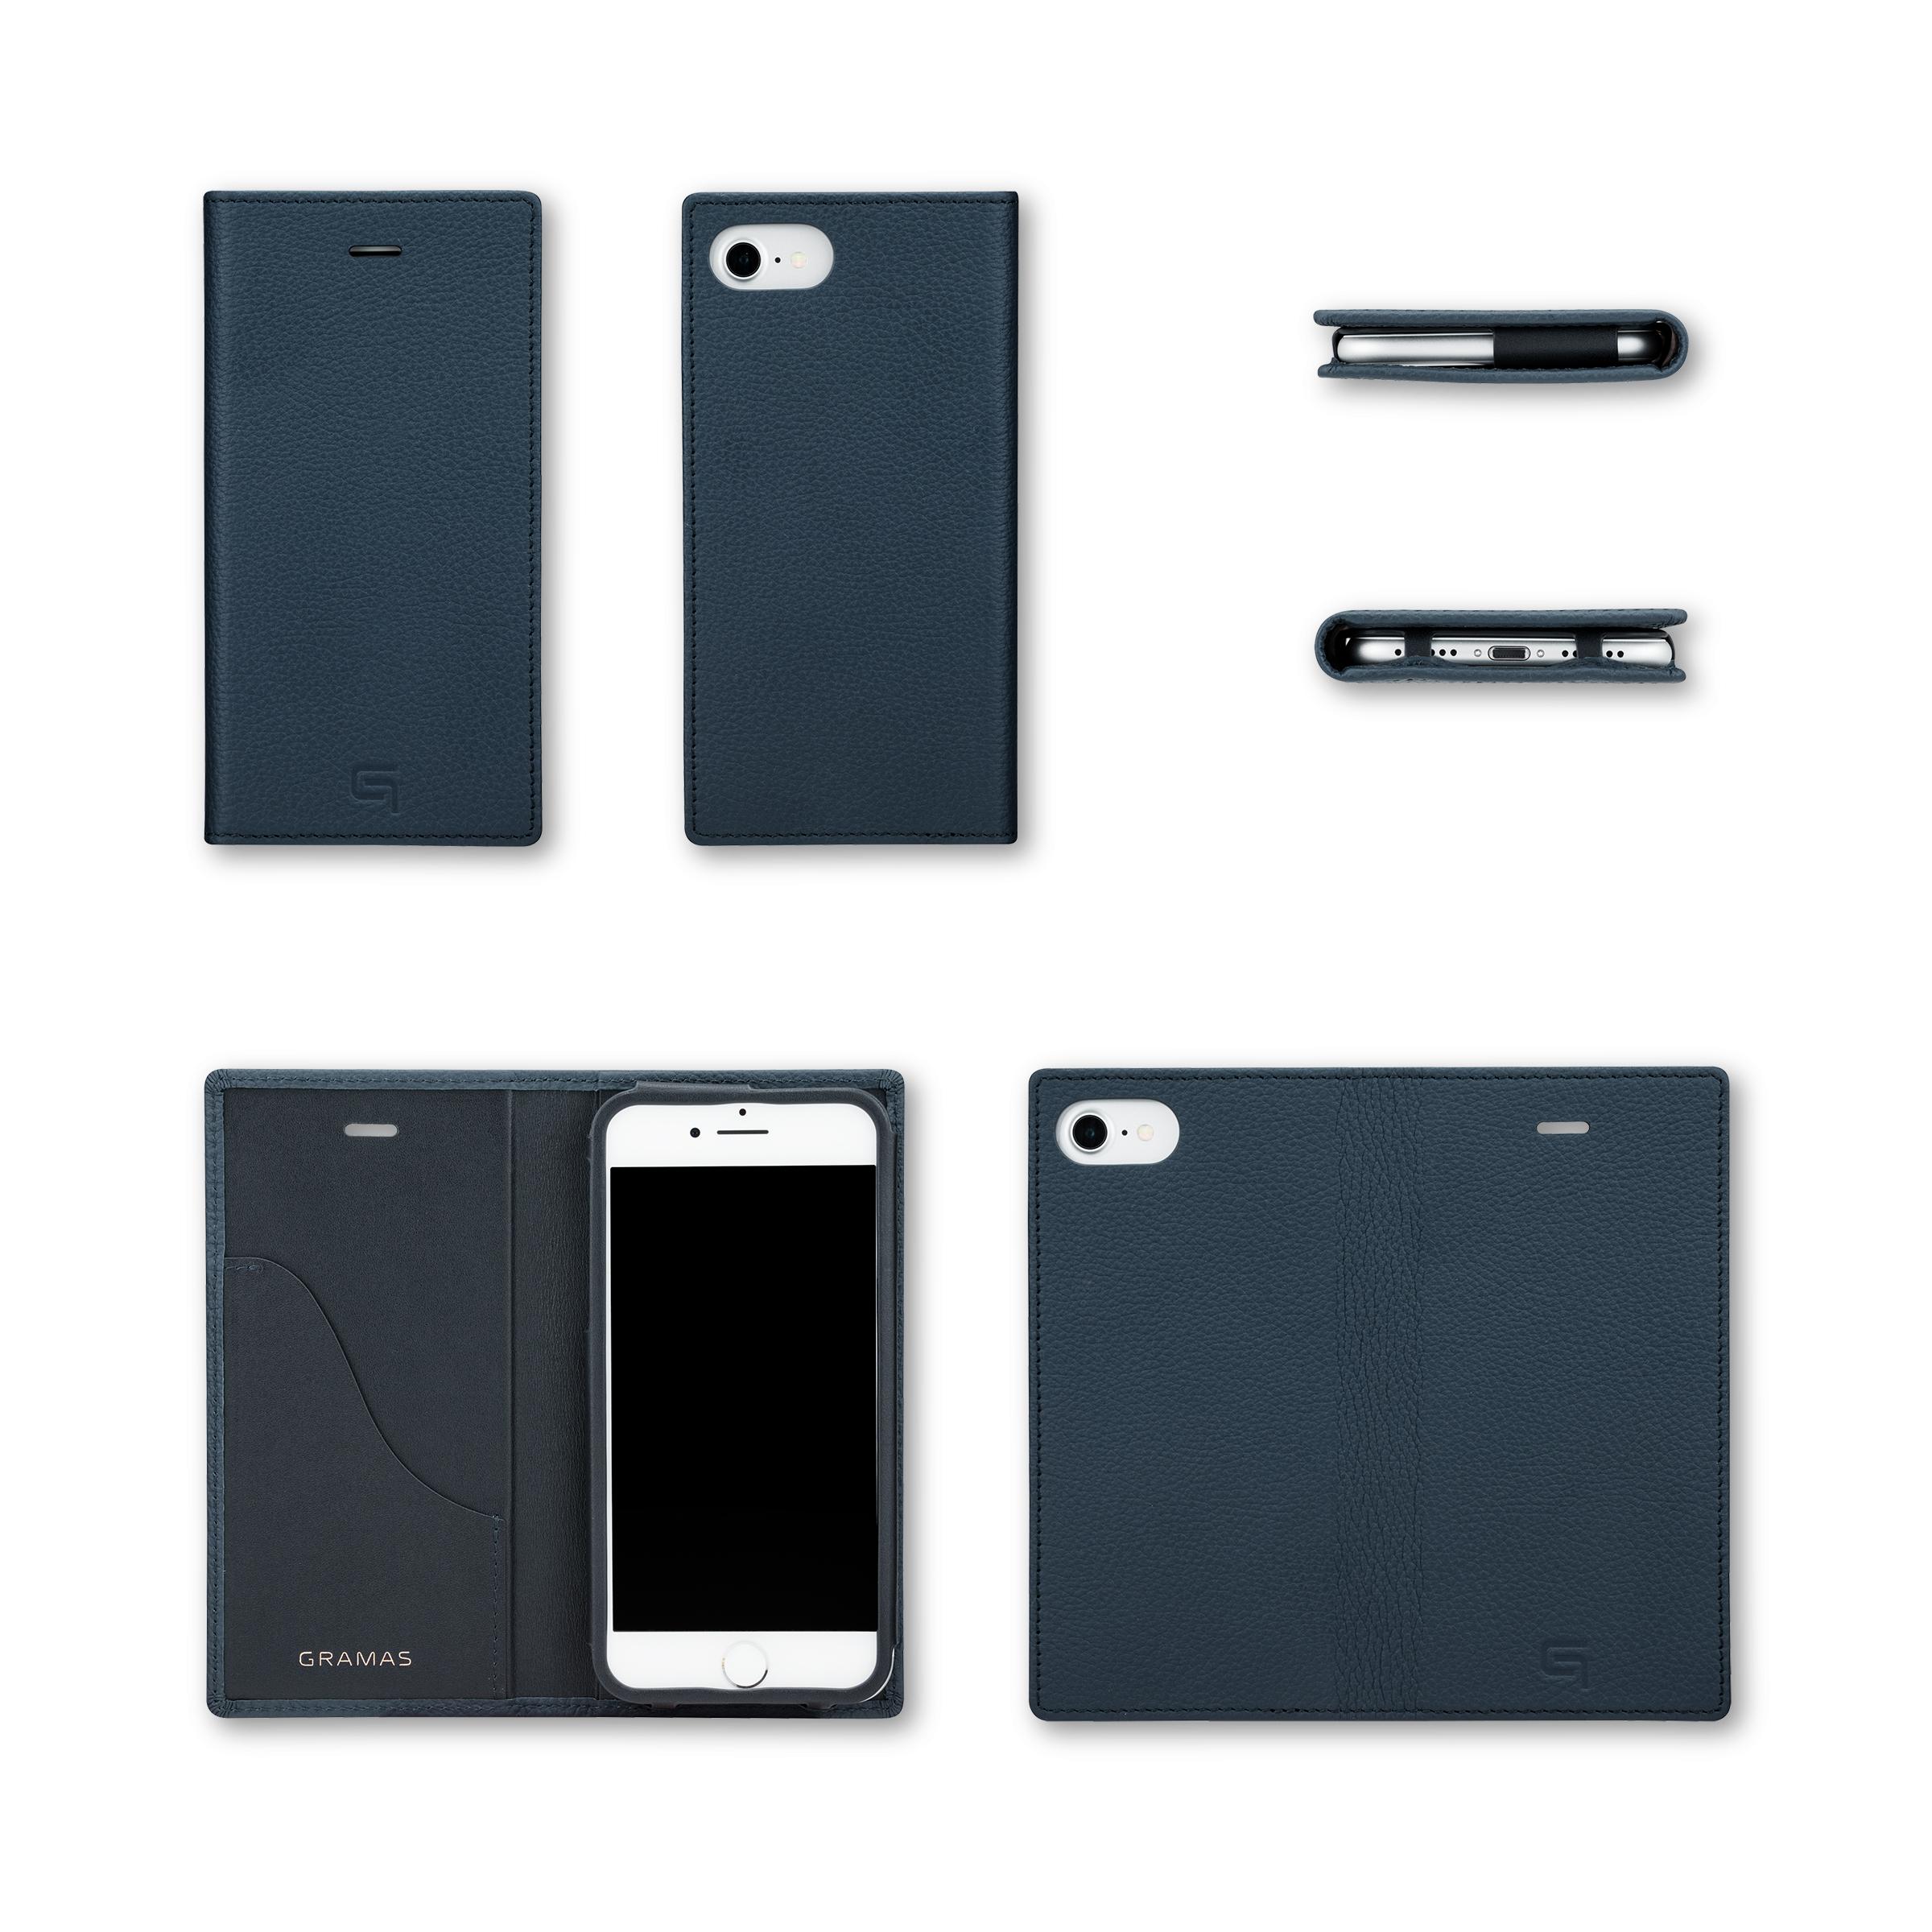 GRAMAS Shrunken-calf Full Leather Case for iPhone 7(Taupe(トープ)) シュランケンカーフ 手帳型フルレザーケース GLC646TP - 画像5